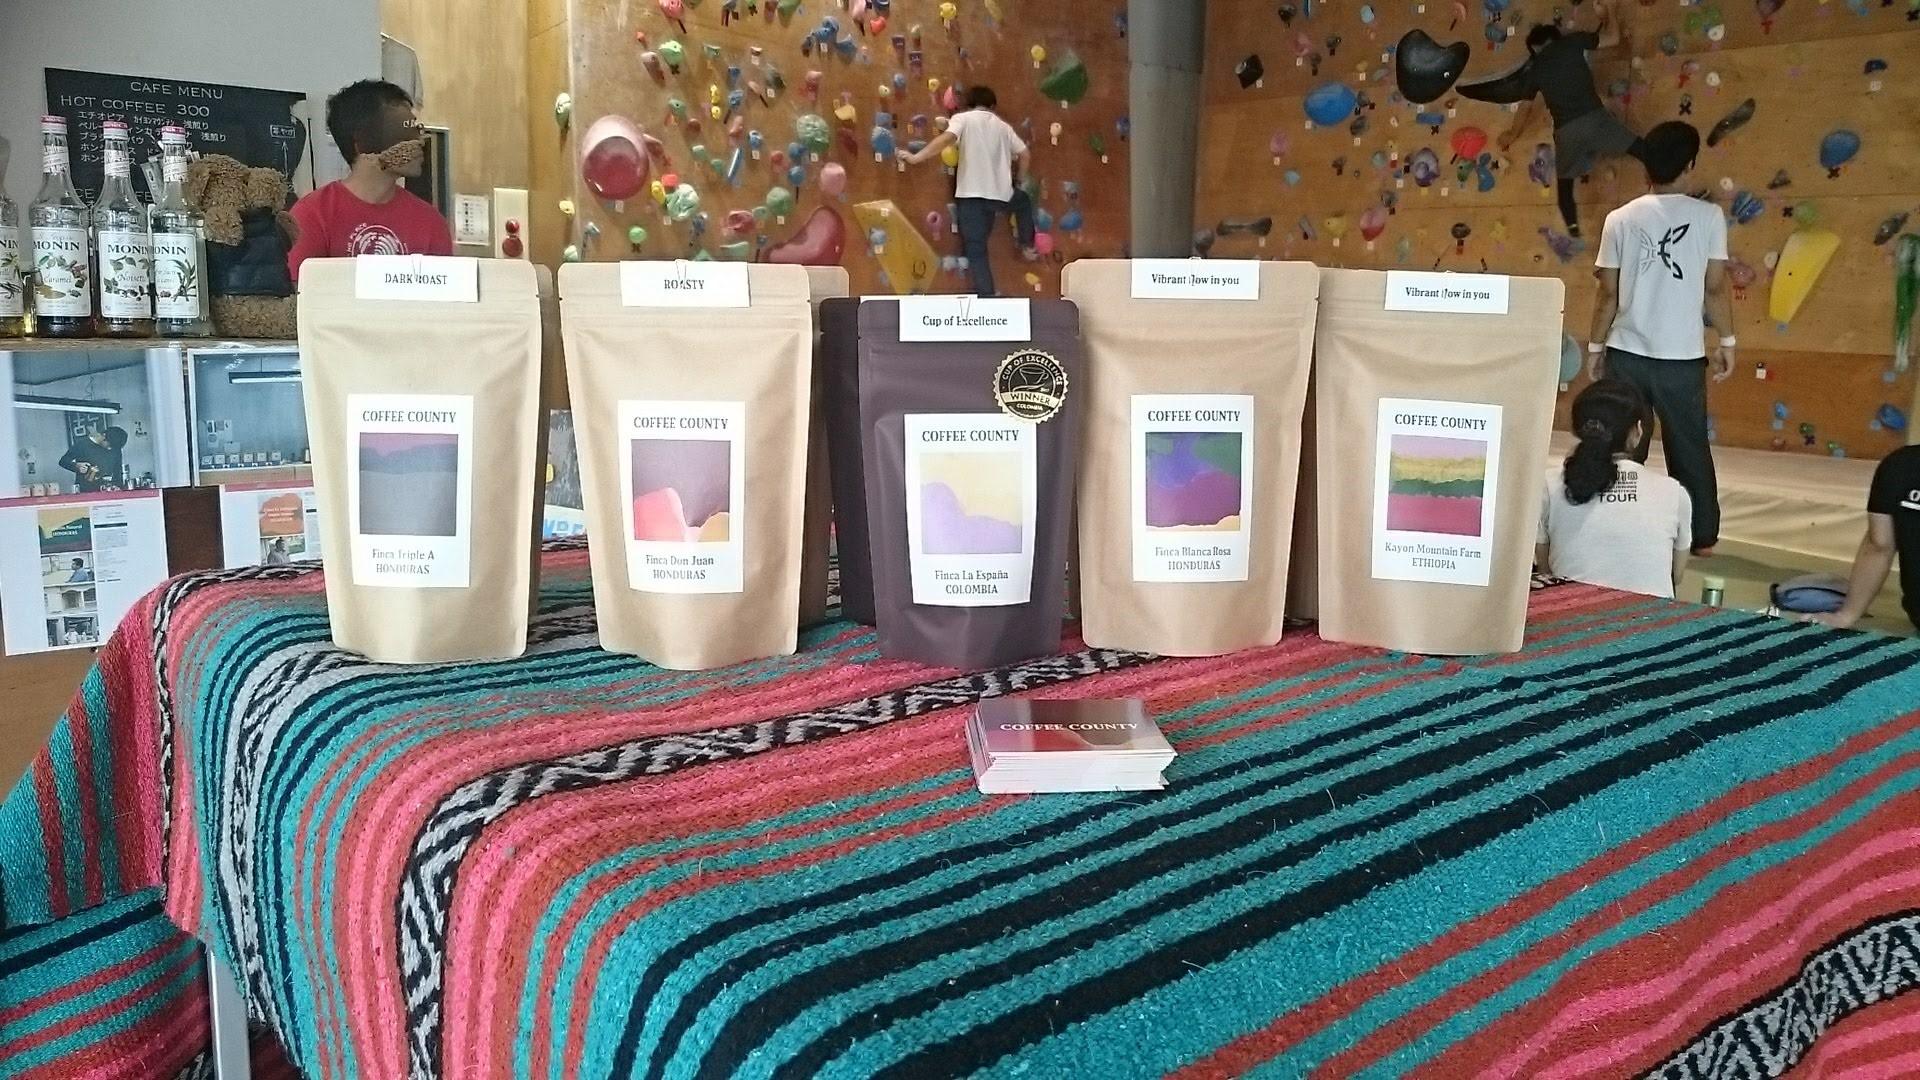 イベントで販売されているコーヒー